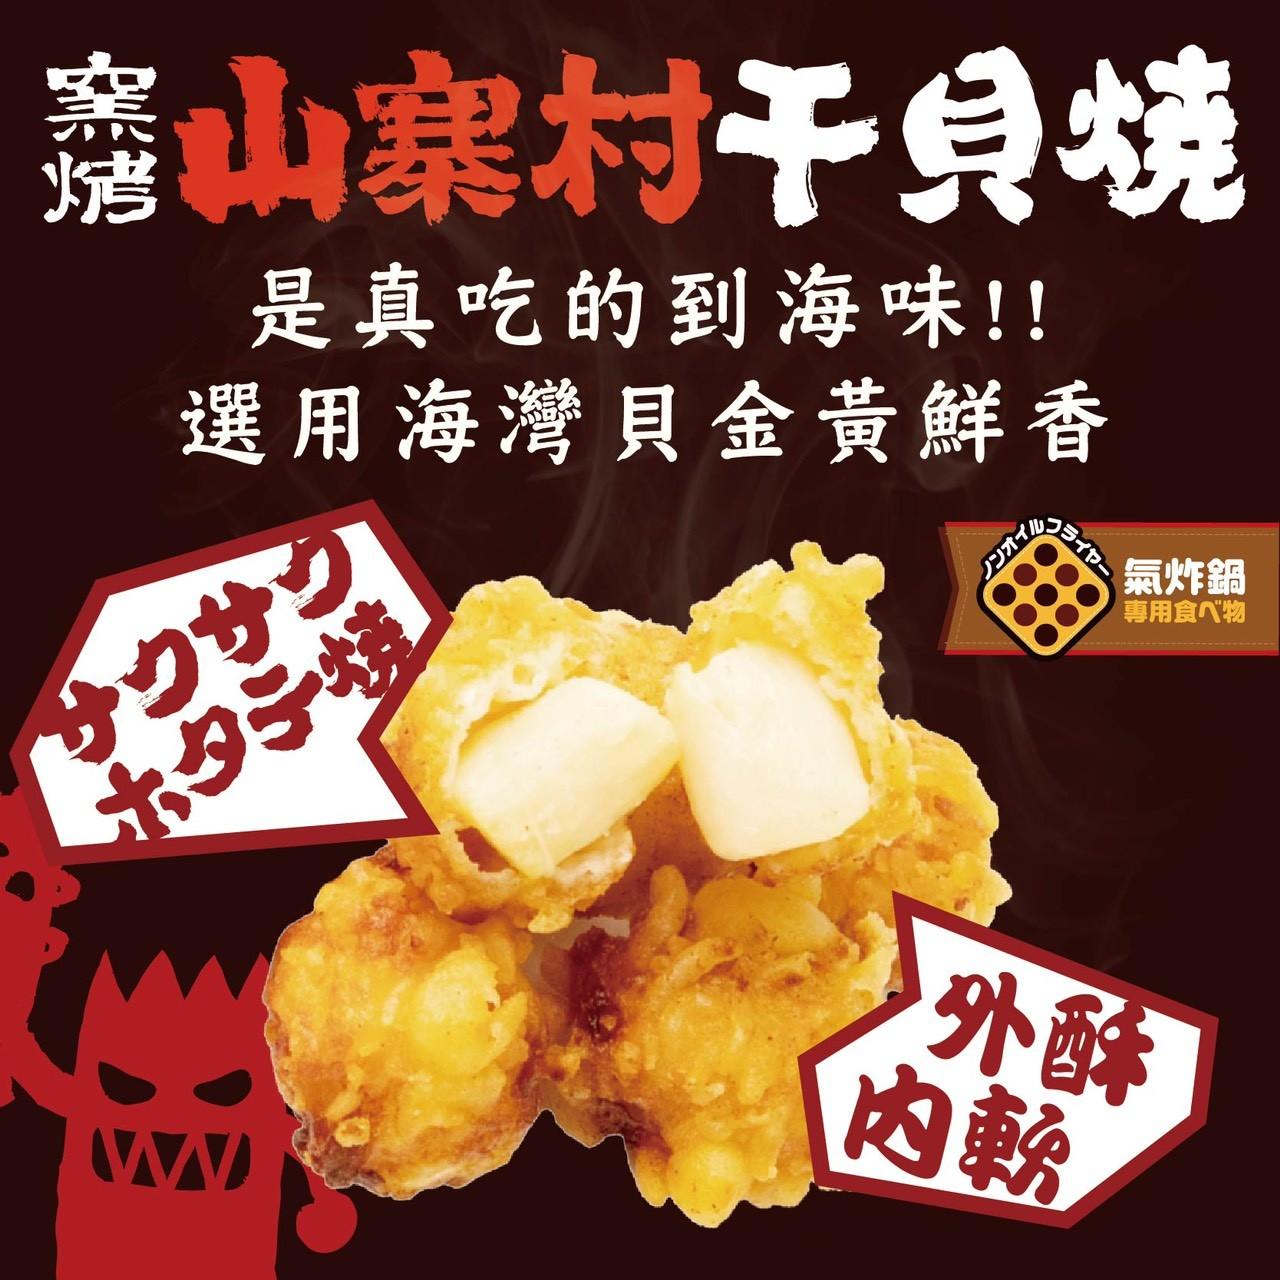 【窯烤山寨村】香酥小干貝(300g)